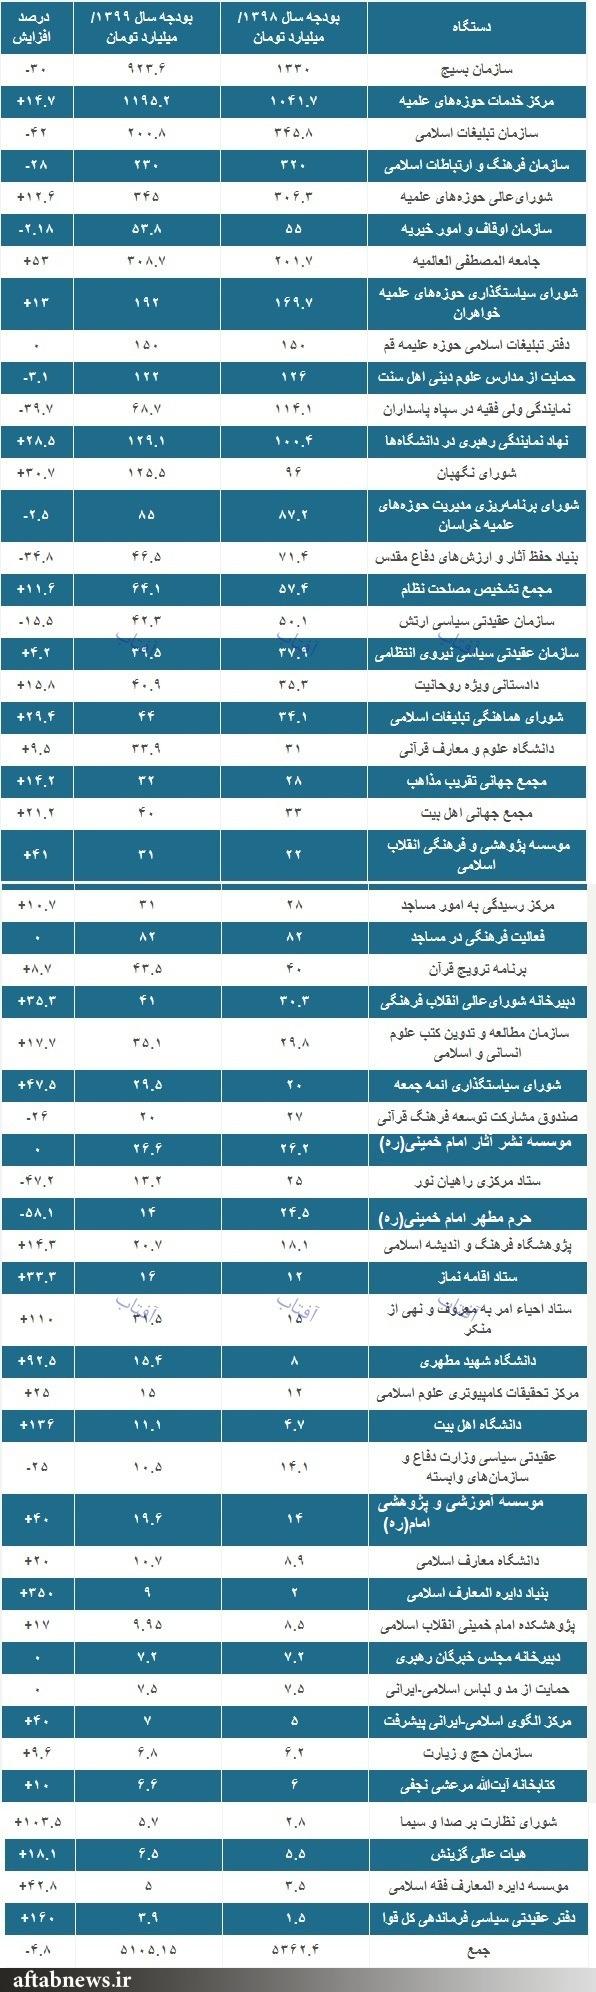 سهم ائمه جمعه، بسیج، تبلیغات اسلامی و حوزههای علمیه از بودجه ۹۹ چقدر است؟